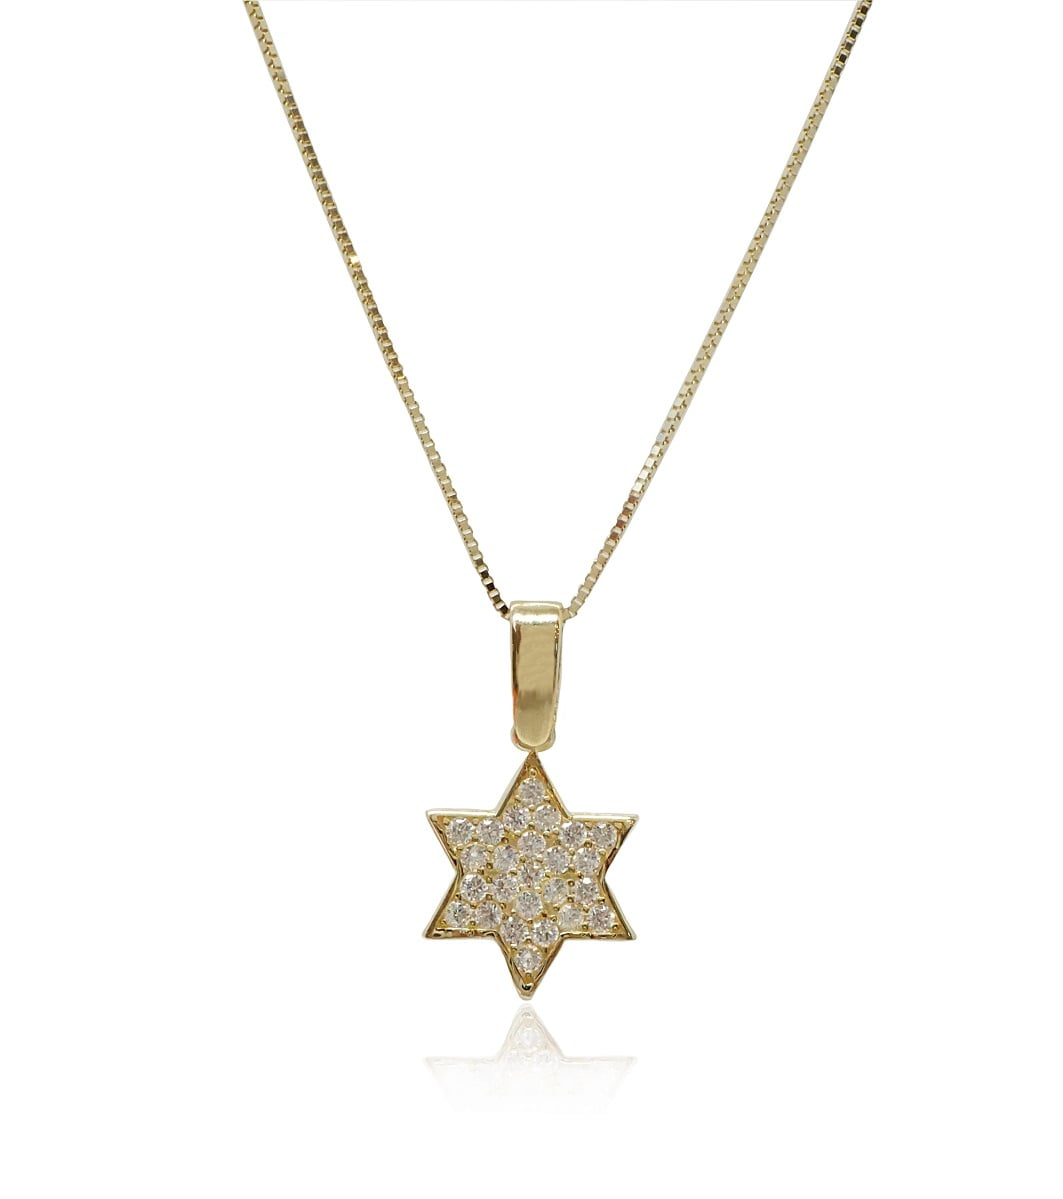 שרשרת ותליון זהב 14 קרט מגן דוד משובץ זרקונים